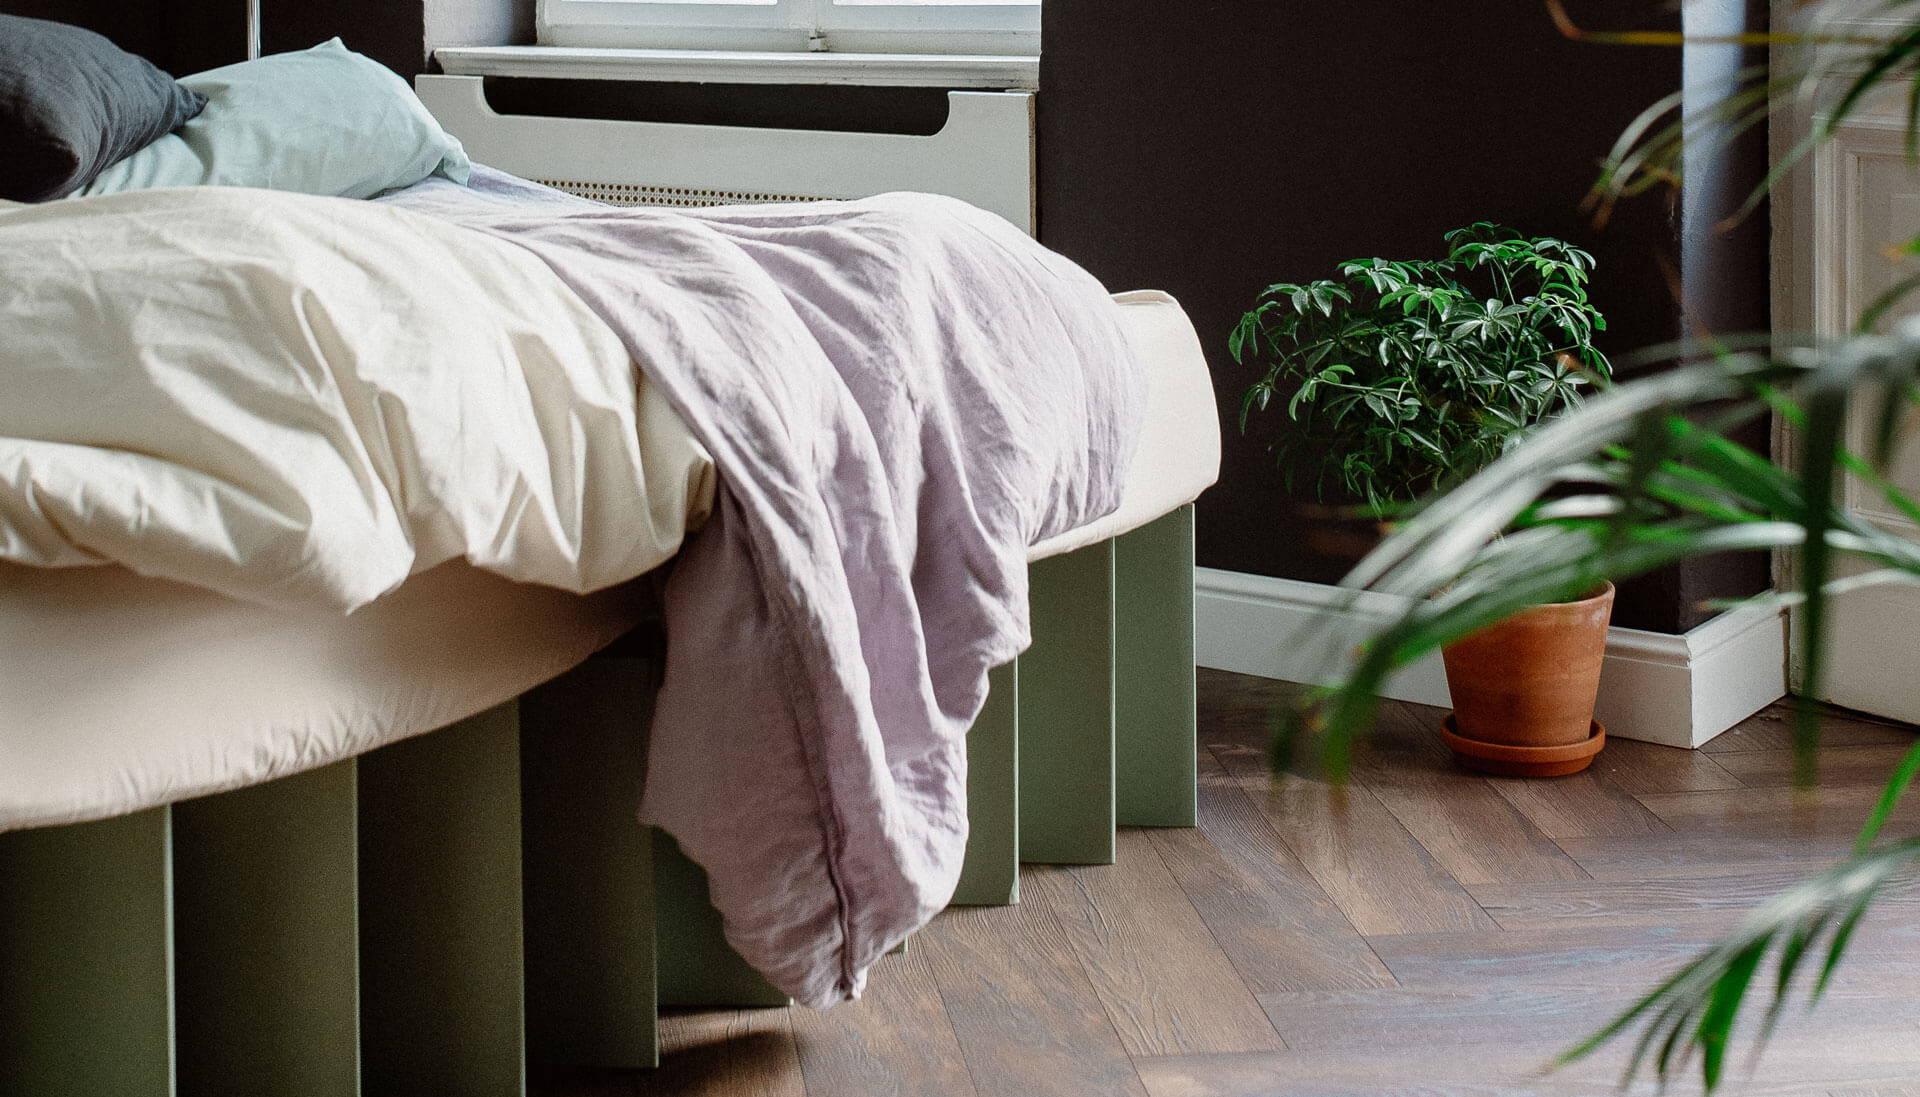 ROOM IN A BOX Warum sind Pappmöbel nachhaltig?